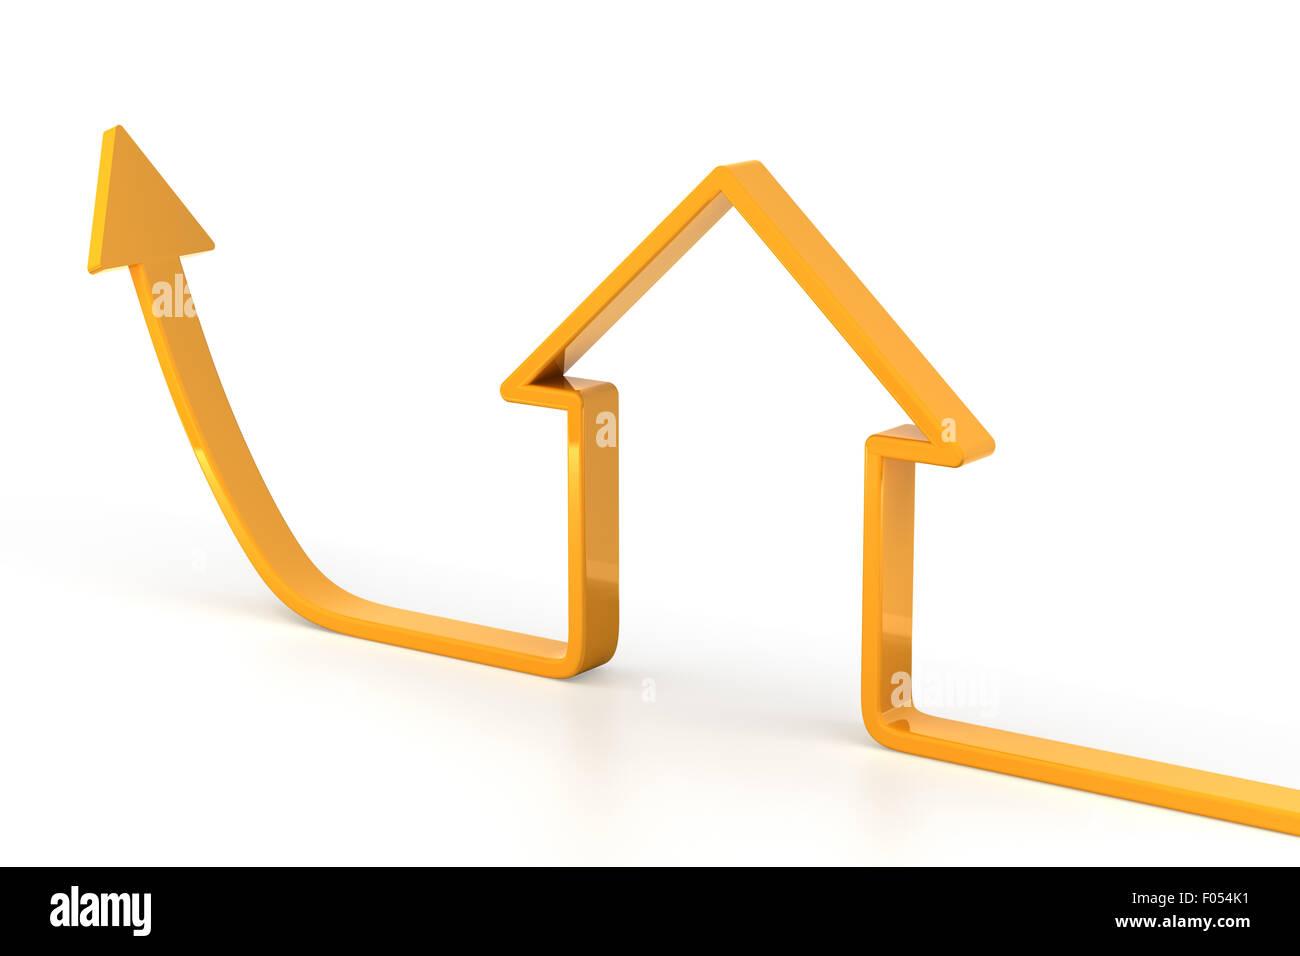 Steigenden Pfeil geformt wie ein Haus Stockbild